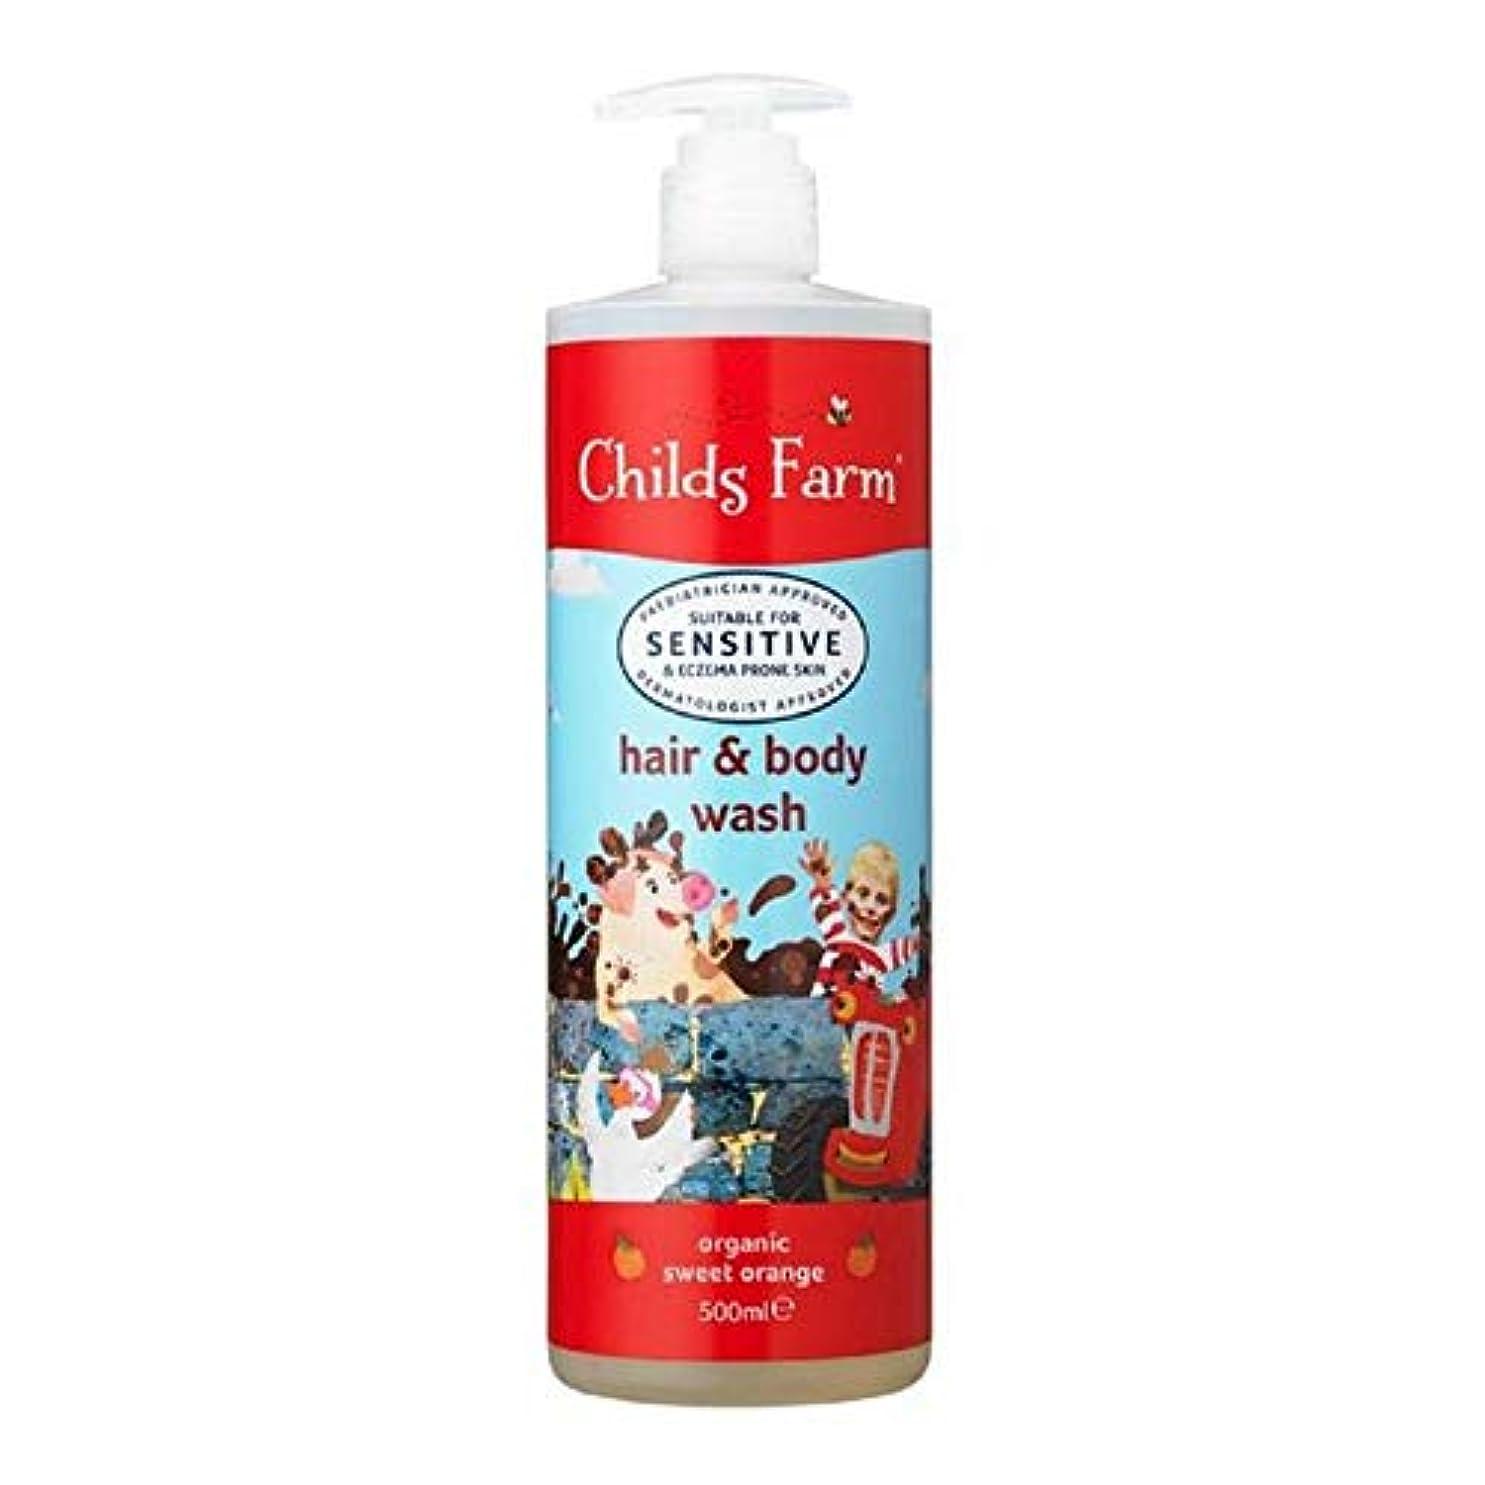 住居成分評論家[Childs Farm ] チャイルズファームヘア&ボディウォッシュ有機スイートオレンジ500ミリリットル - Childs Farm Hair & Body Wash Organic Sweet Orange 500ml [並行輸入品]